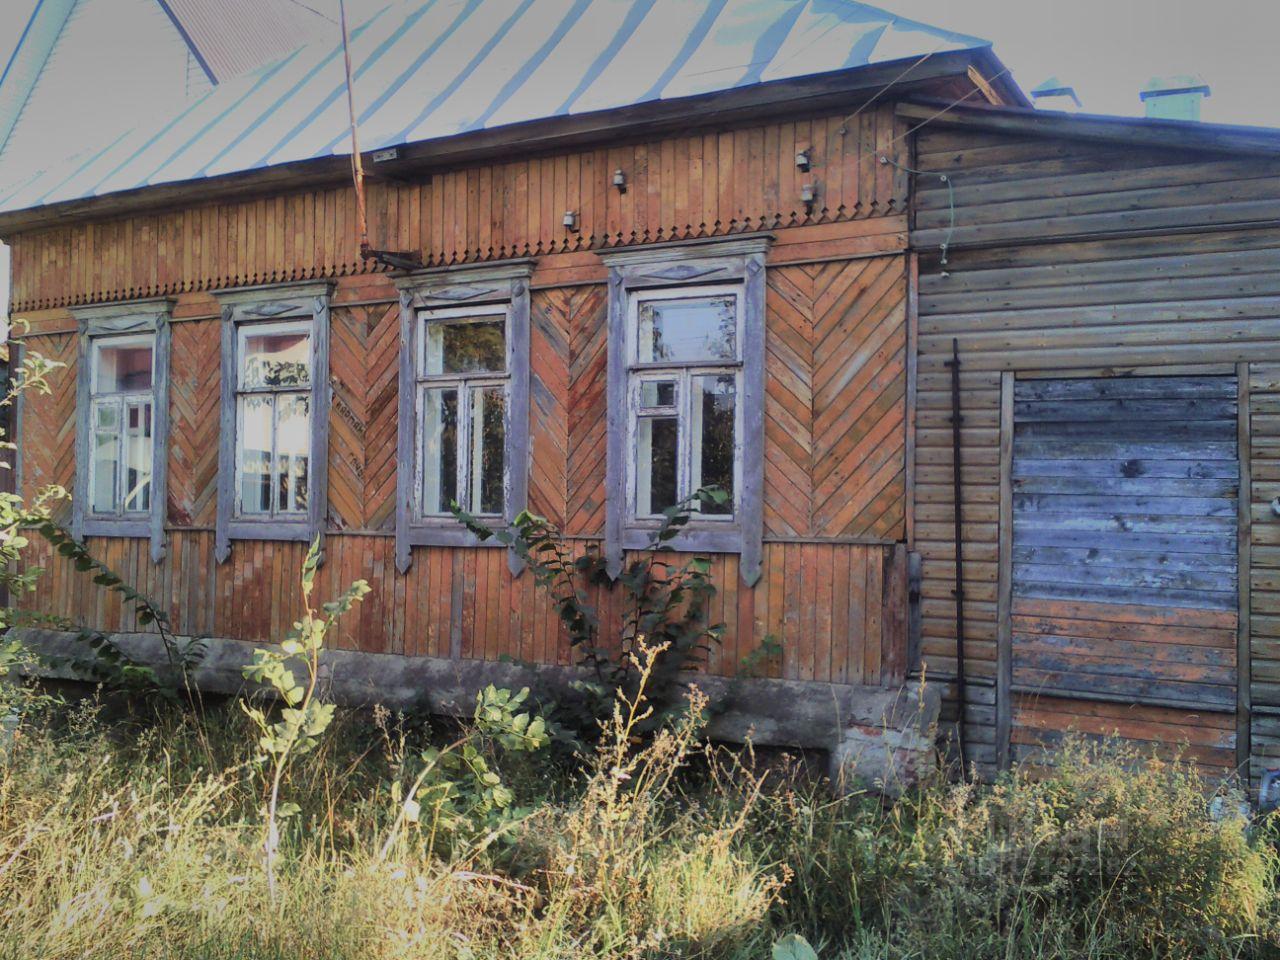 Единый сайт мультилистинг су предоставляет базу продажи домов в тамбовской области объявление без посредников и от агентств с ценой, фотографиями, точкой на карте.